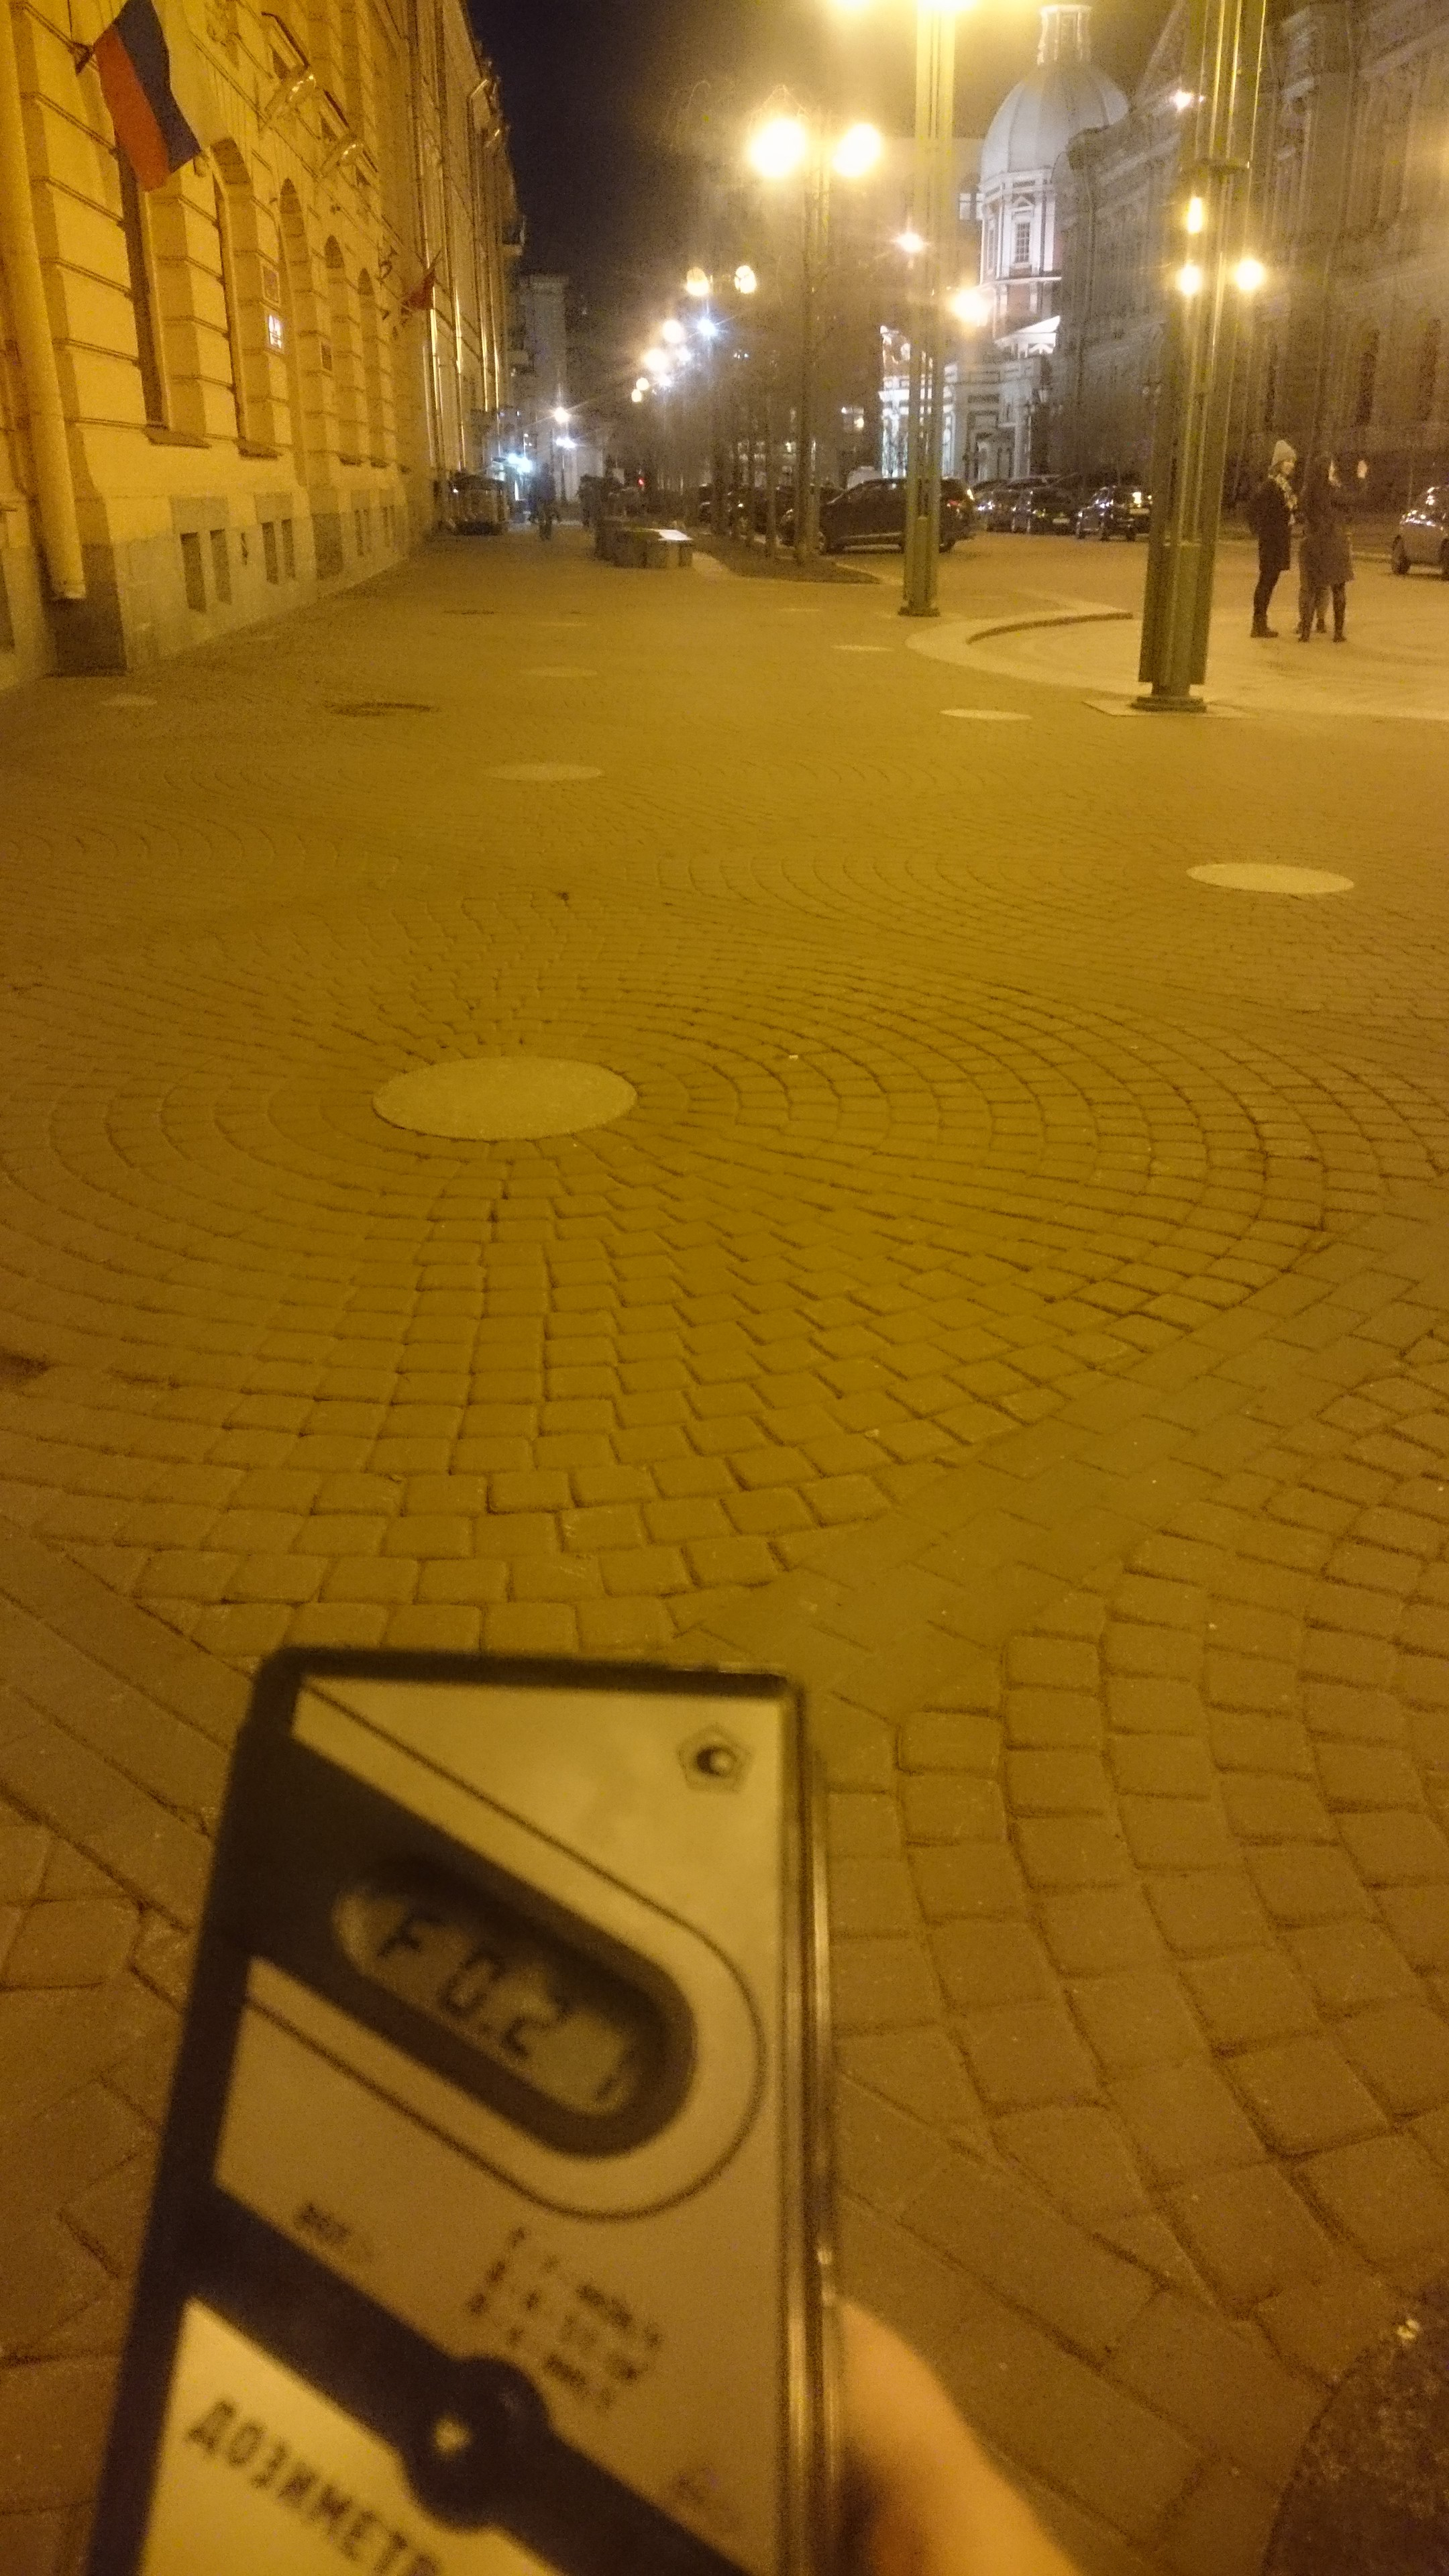 Точка измерения МЭД гамма-излучени на Соляном переулке в Санкт-Петербурге